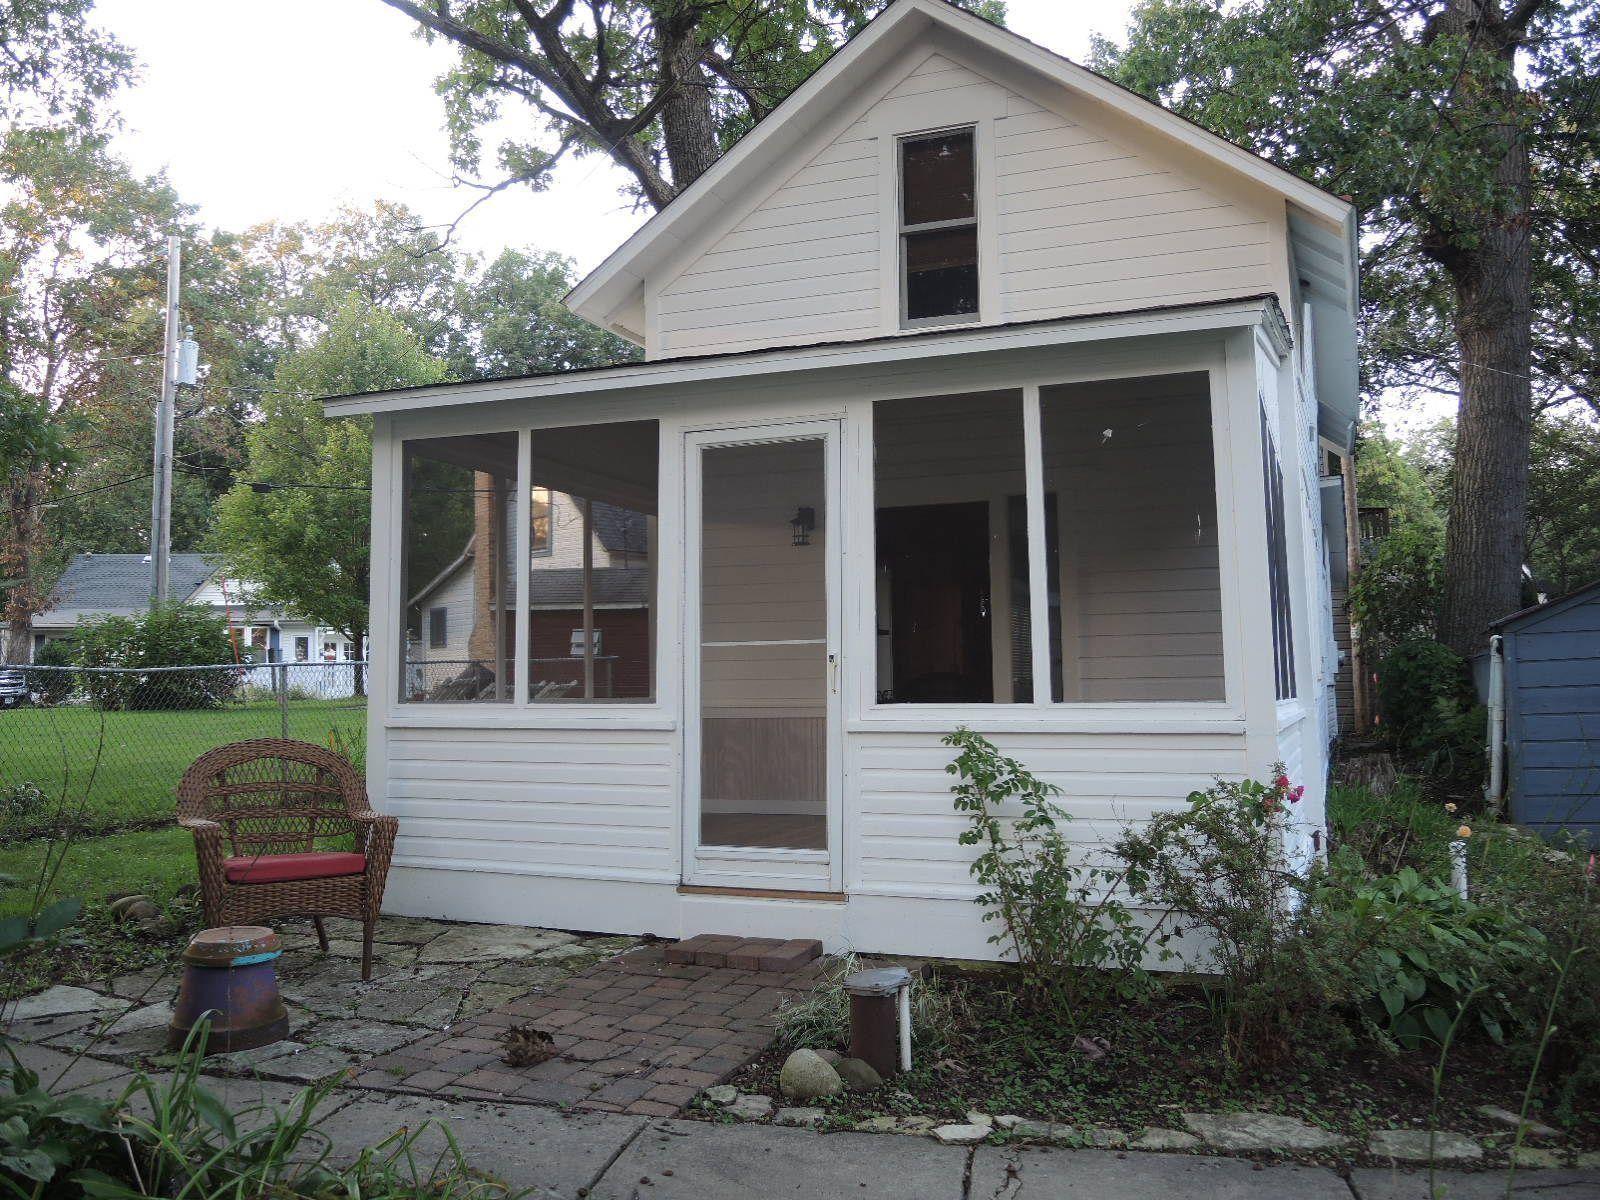 2504 Rockford Colony Ln, Delavan, WI 53115 - #: 1664183